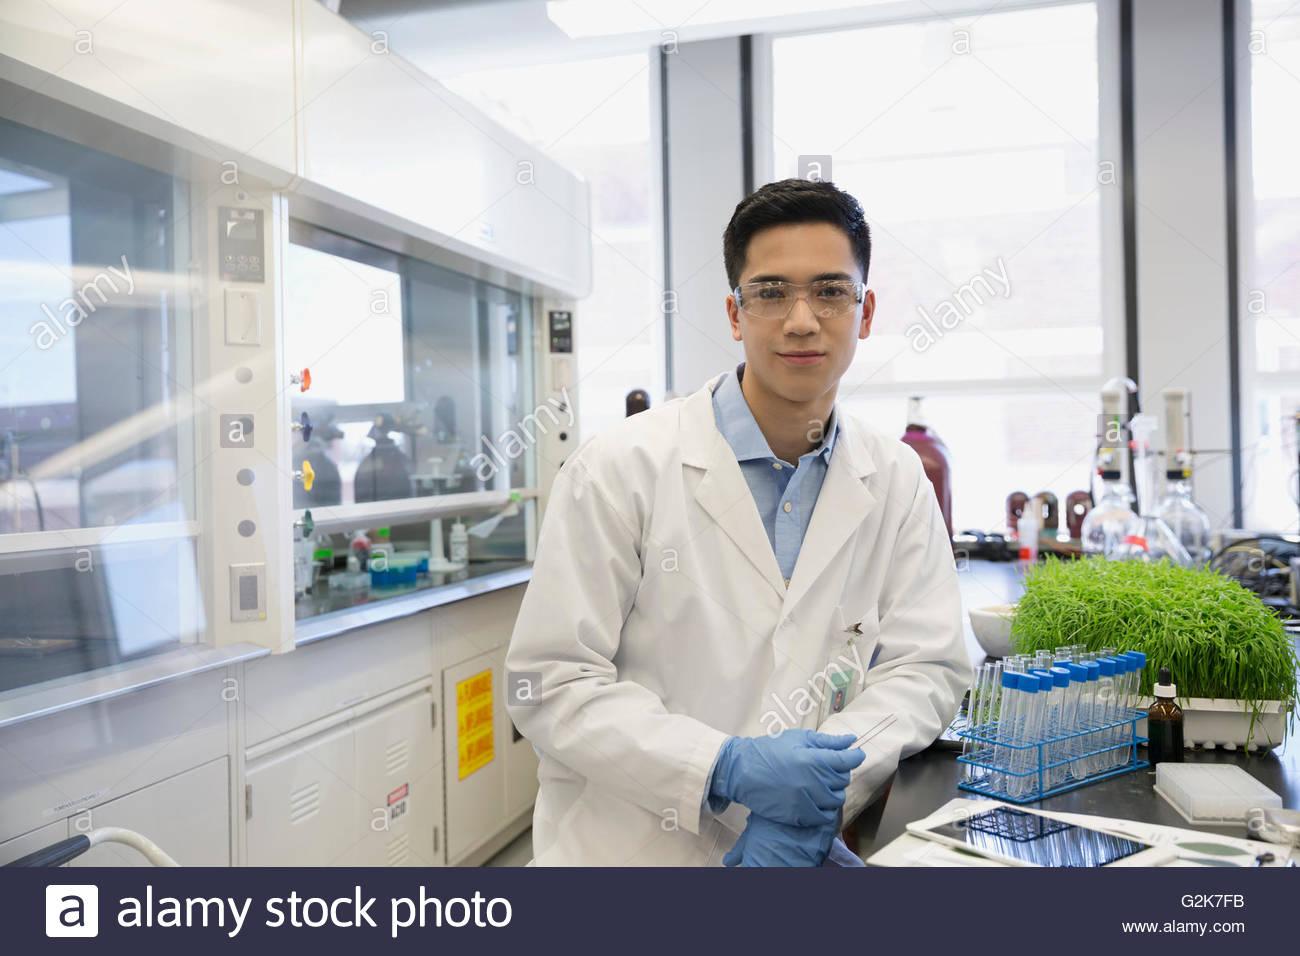 Portrait confident scientist in GMO laboratory - Stock Image